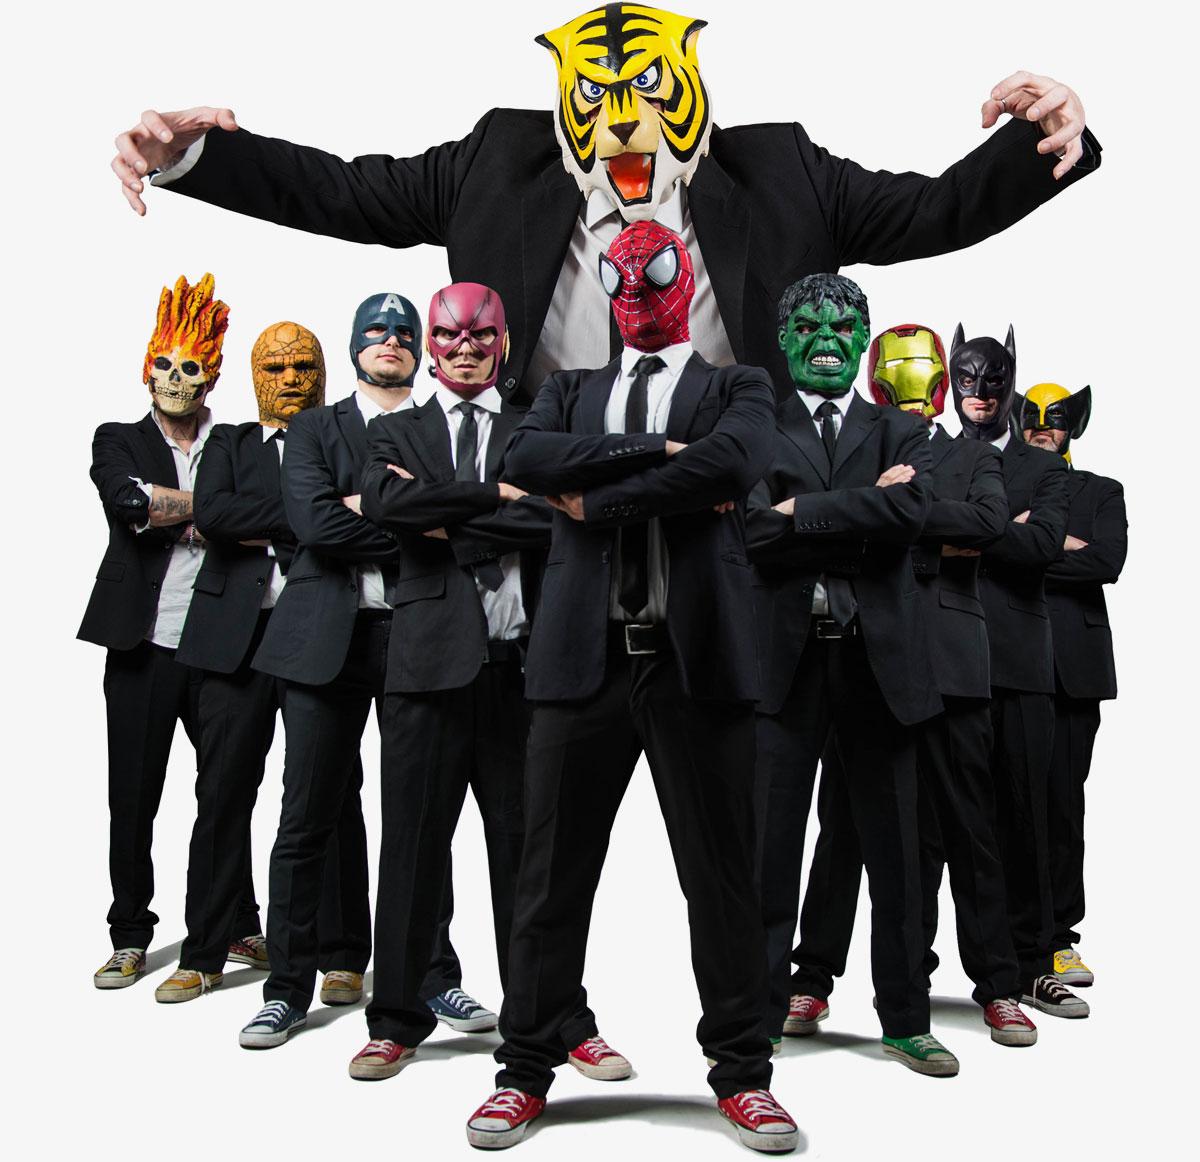 Cartoon Cover Band Italia